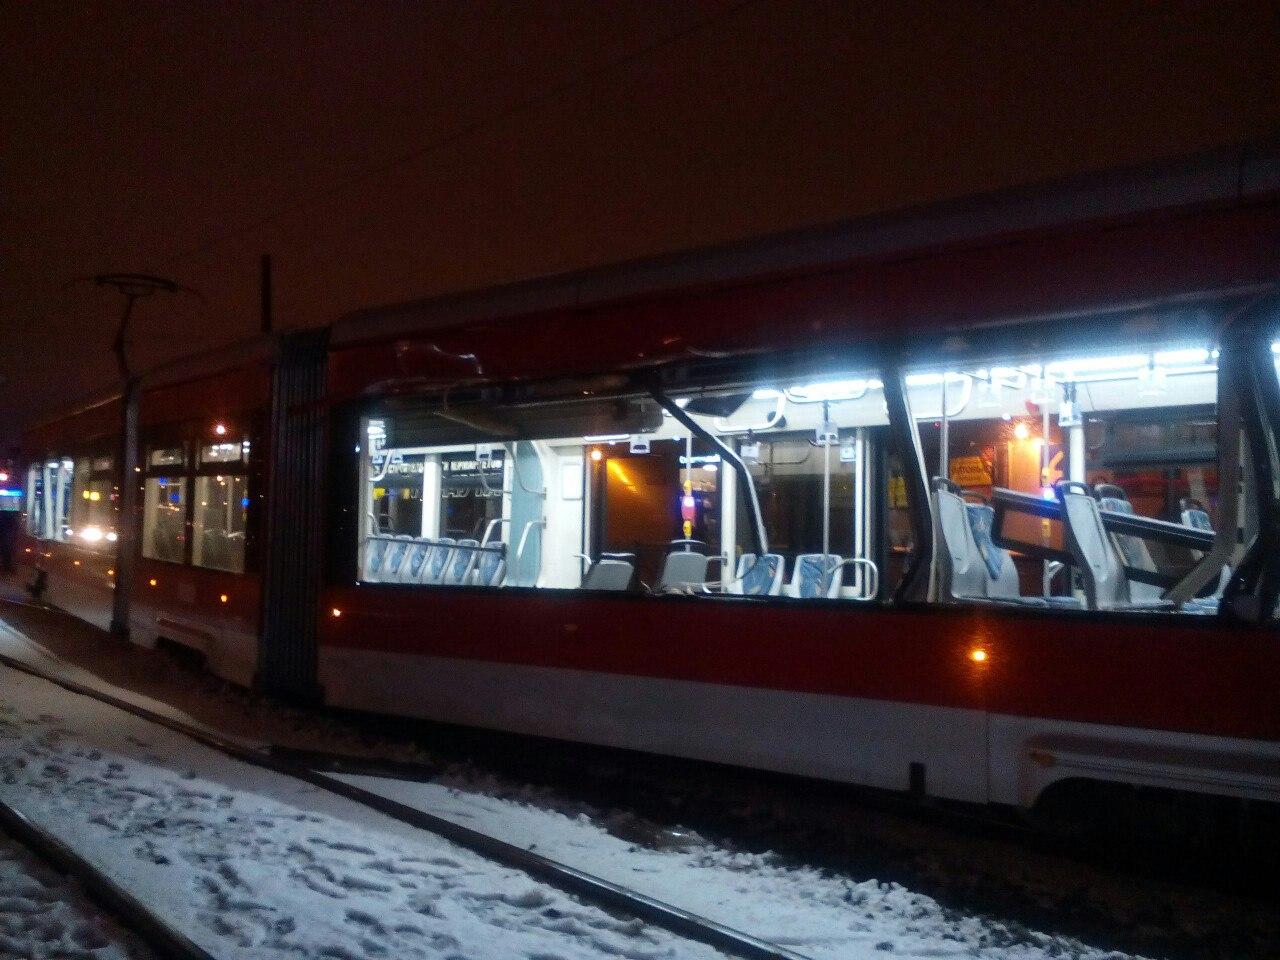 ВПетербурге самосвал протаранил трамвай, пострадал ребенок